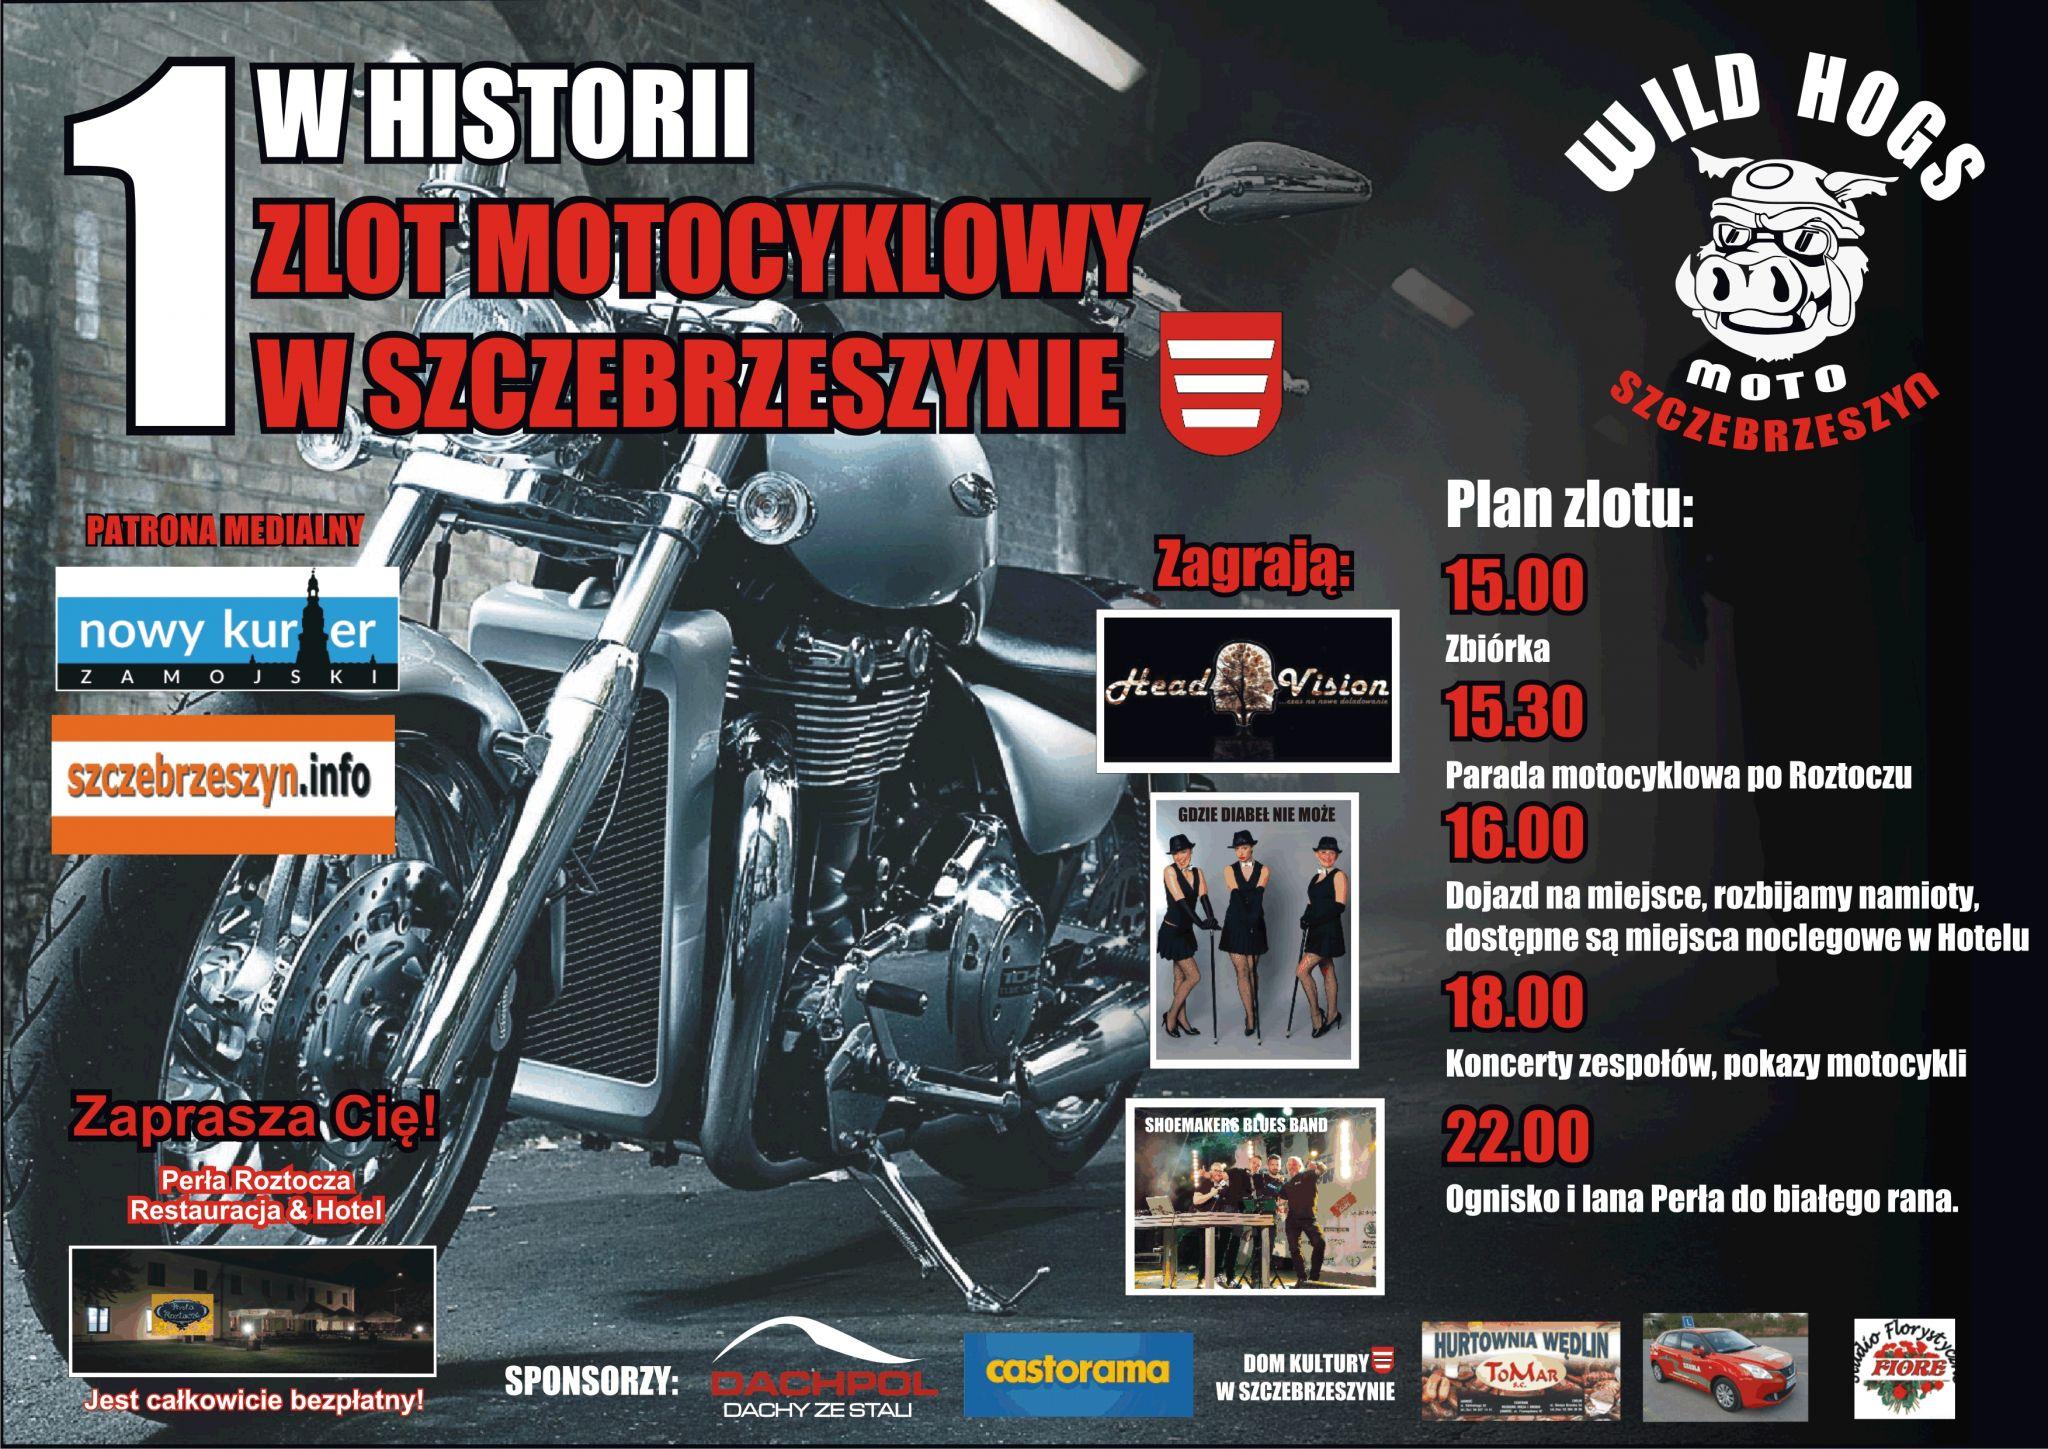 zlot szczeb Pierwszy w historii zlot motocyklowy w Szczebrzeszynie